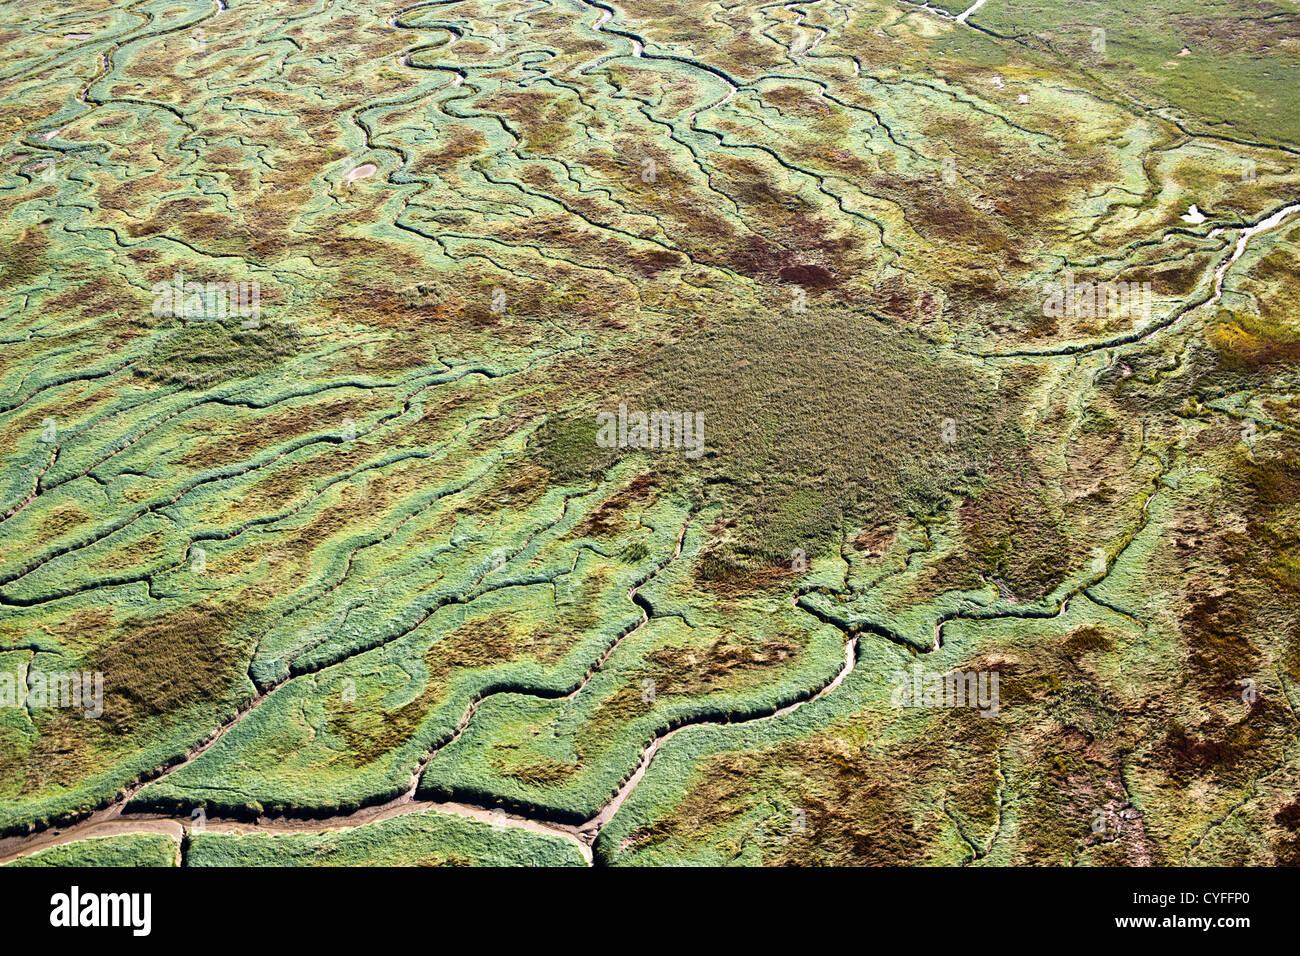 The Netherlands, Nieuw Namen, Westerschelde river. Tidal marshland. Aerial. - Stock Image